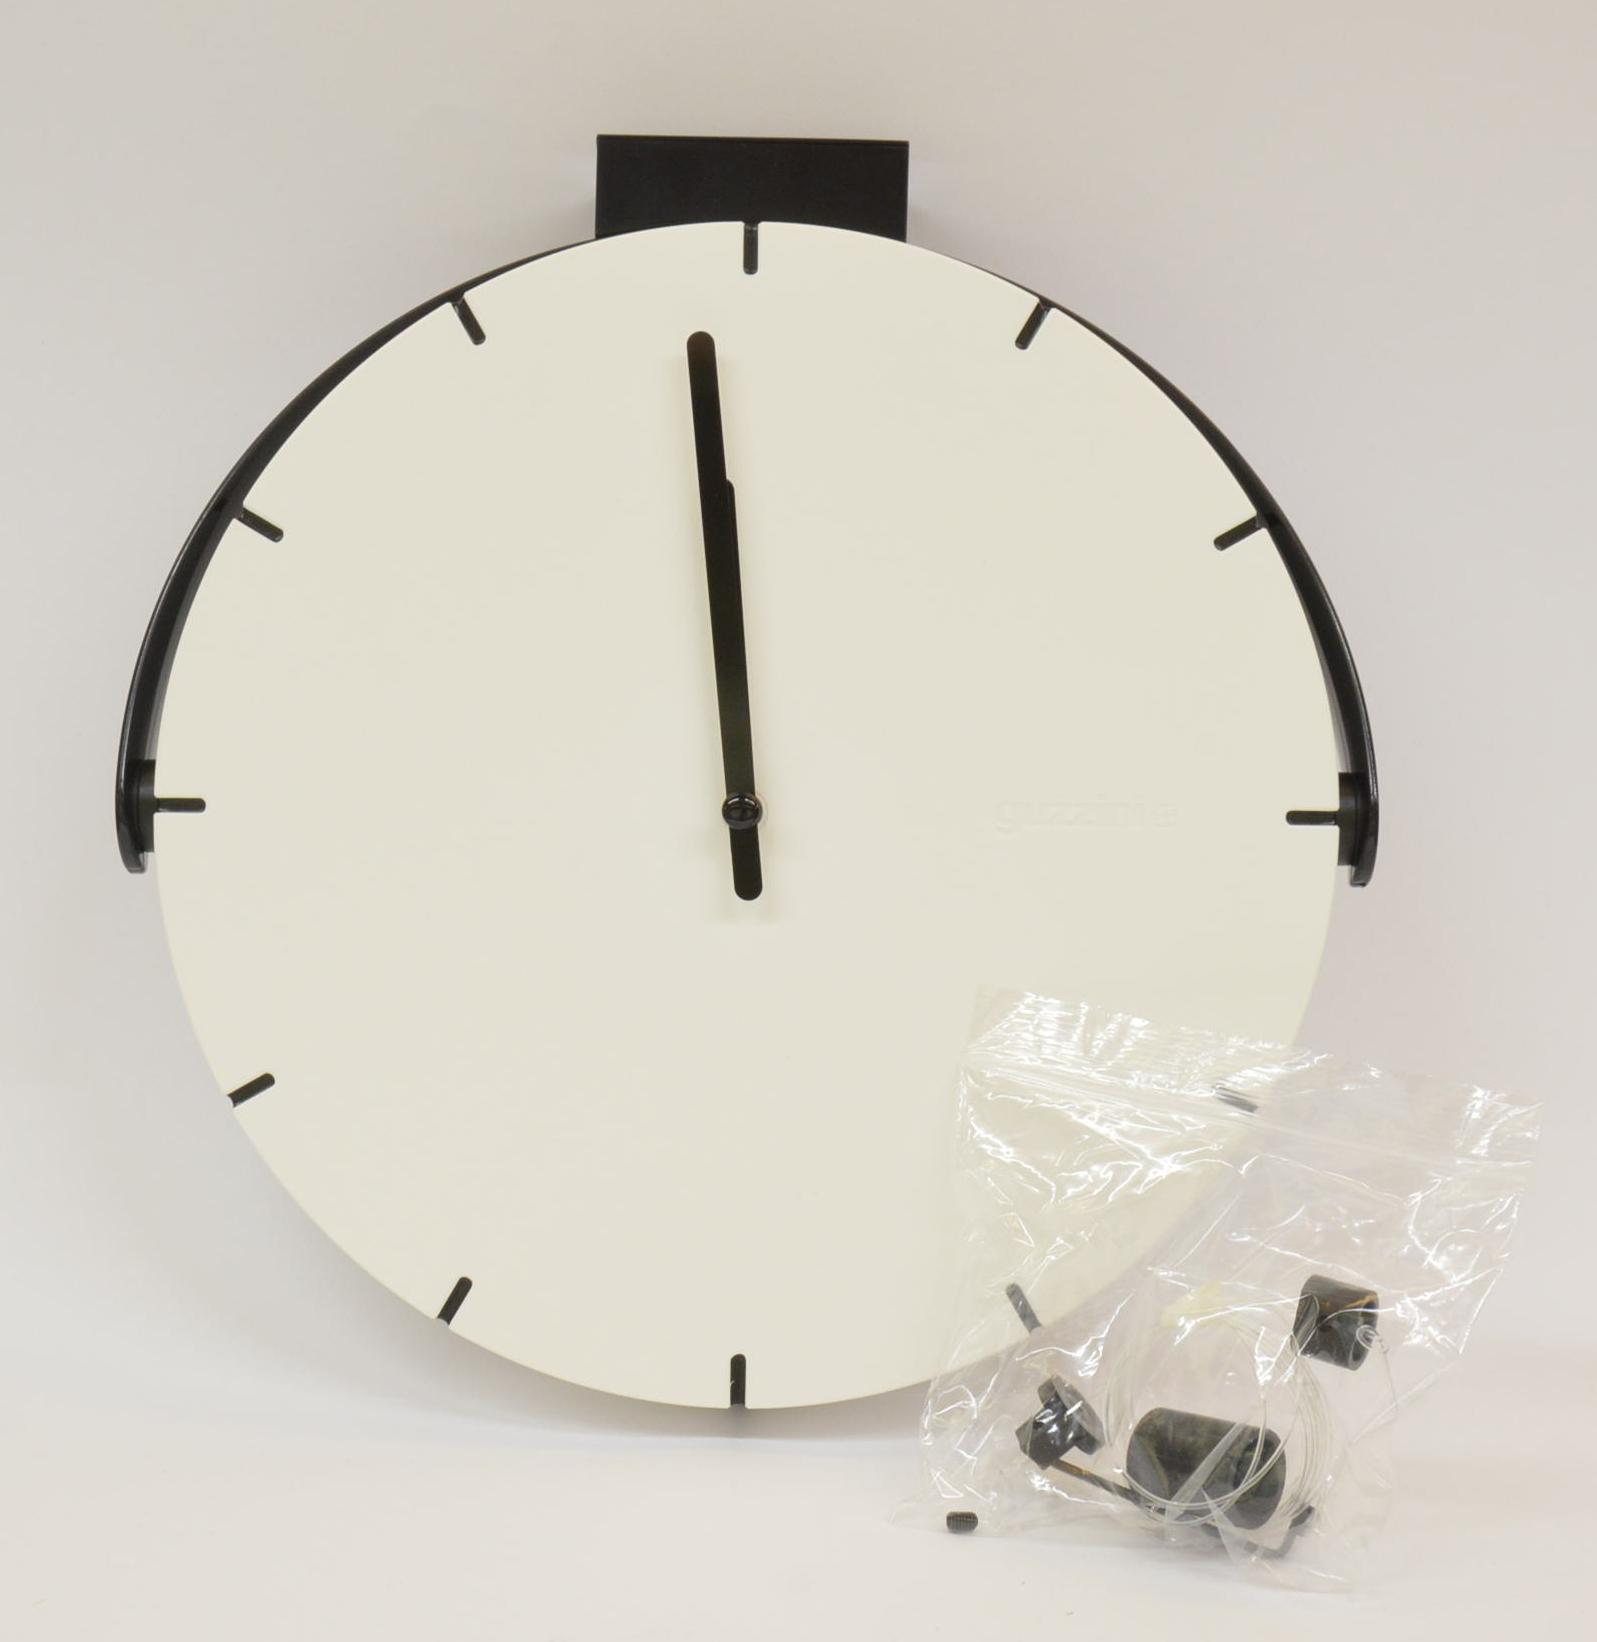 Orologio da parete Guzzini diametro 25 cm art. 16860311 Bianco da appendere con filo orientabile